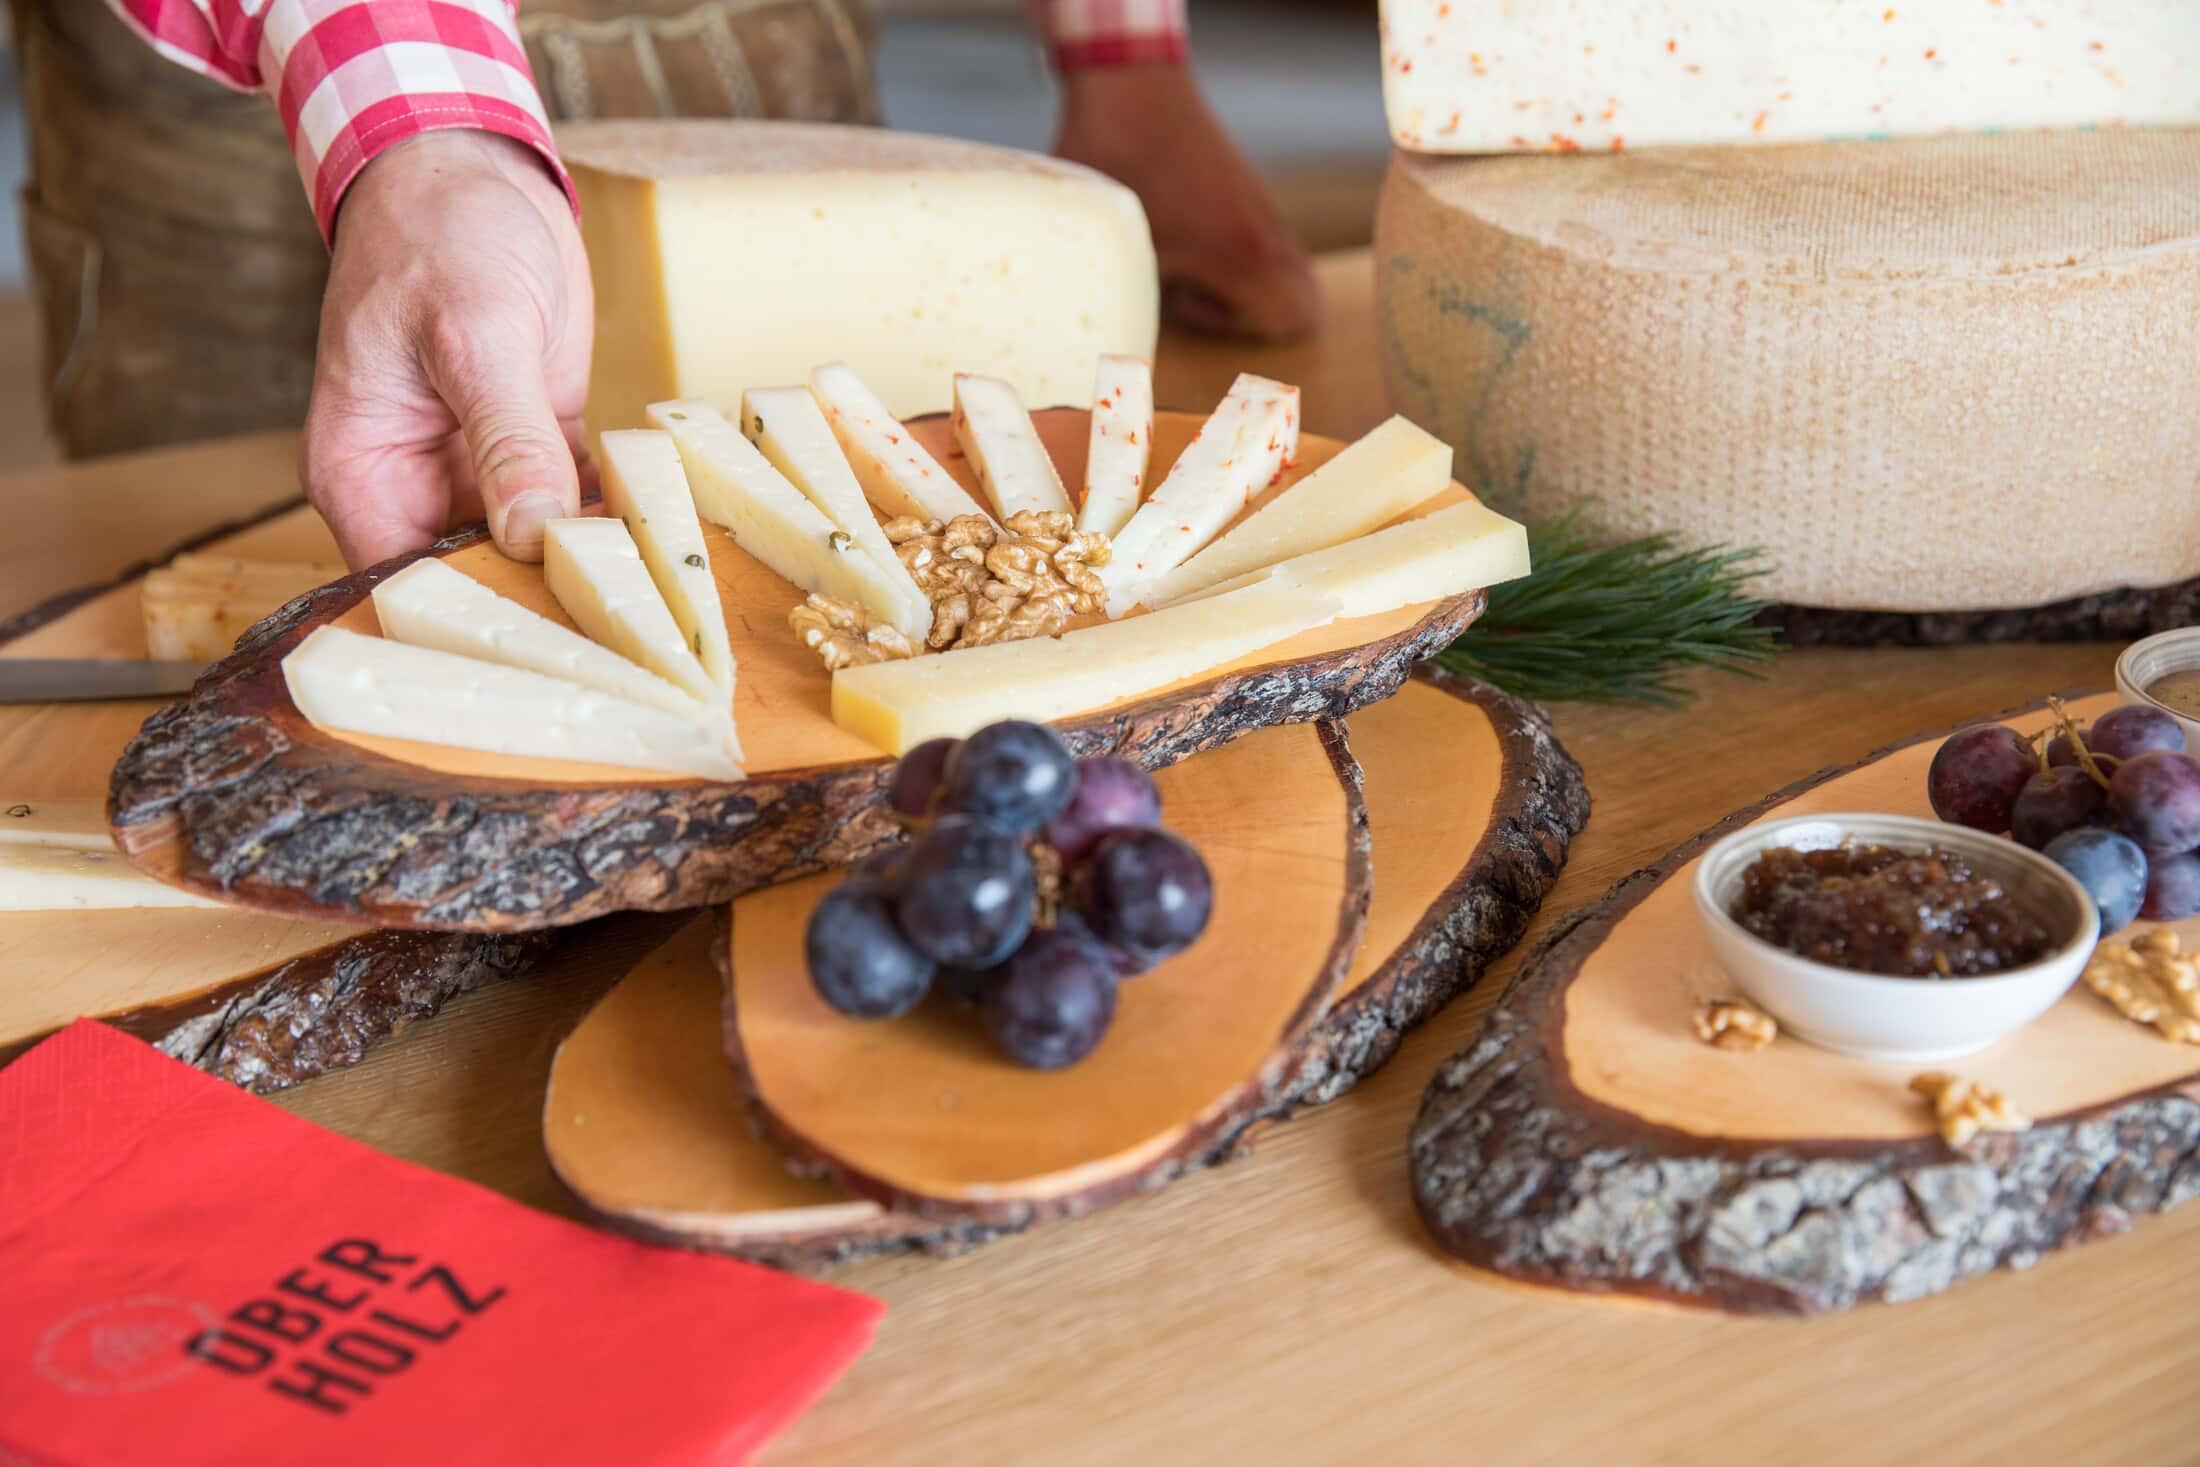 Tagliere di formaggi tipici - foto Günther Pichler